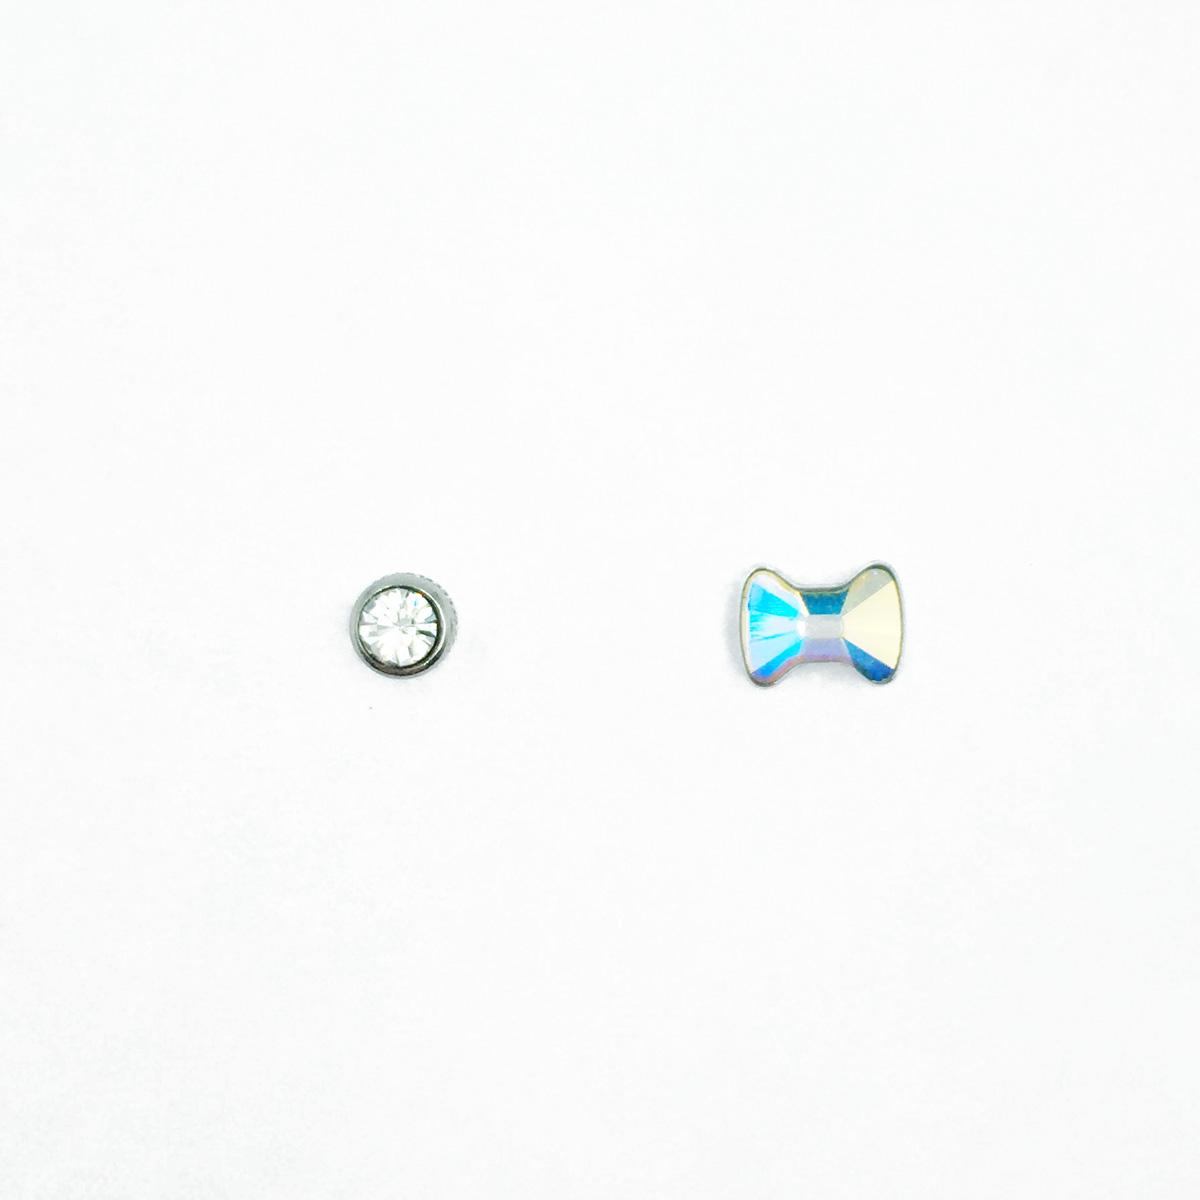 不鏽鋼 蝴蝶結 切割鑽 單鑽 水鑽 後鎖後轉式耳環